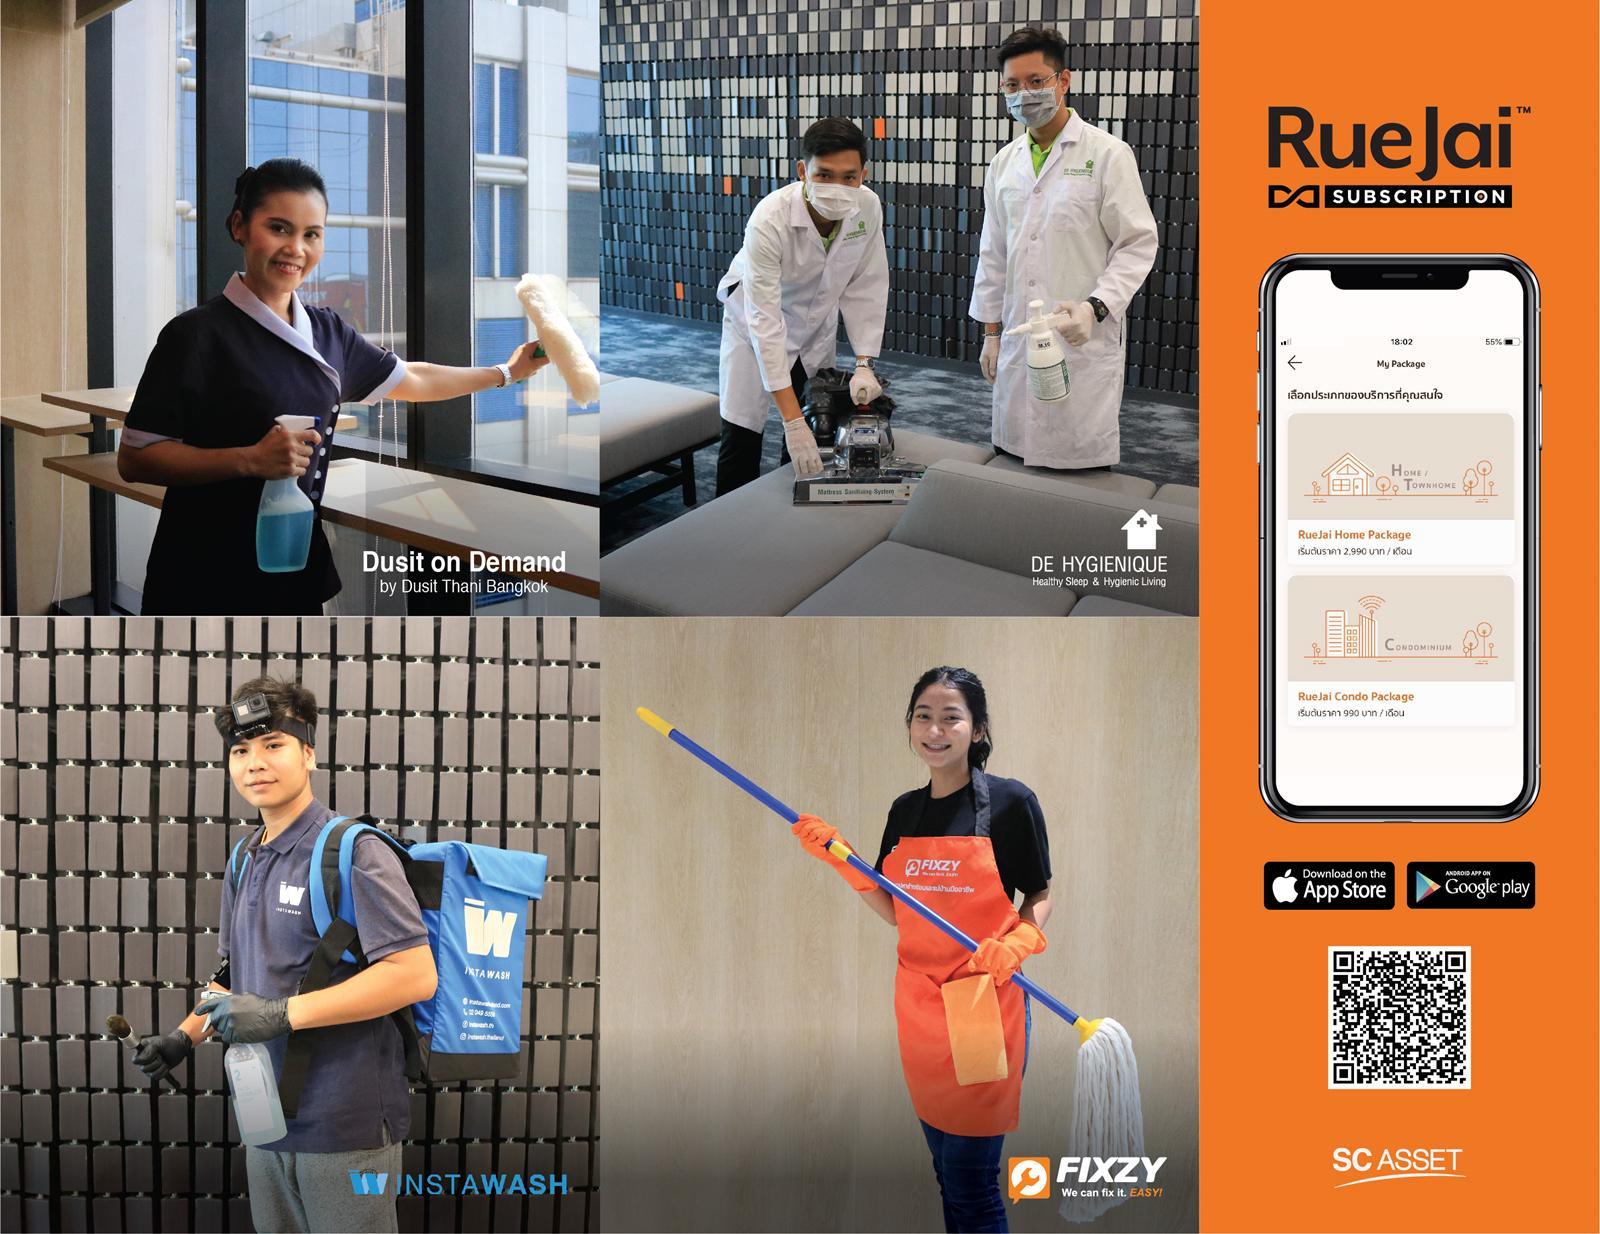 """รูปบทความ """"Rue Jai Subscription"""" แอพรู้ใจ ช่วยเรื่องบ้าน จัดการชีวิตให้เป็นเรื่องง่าย"""